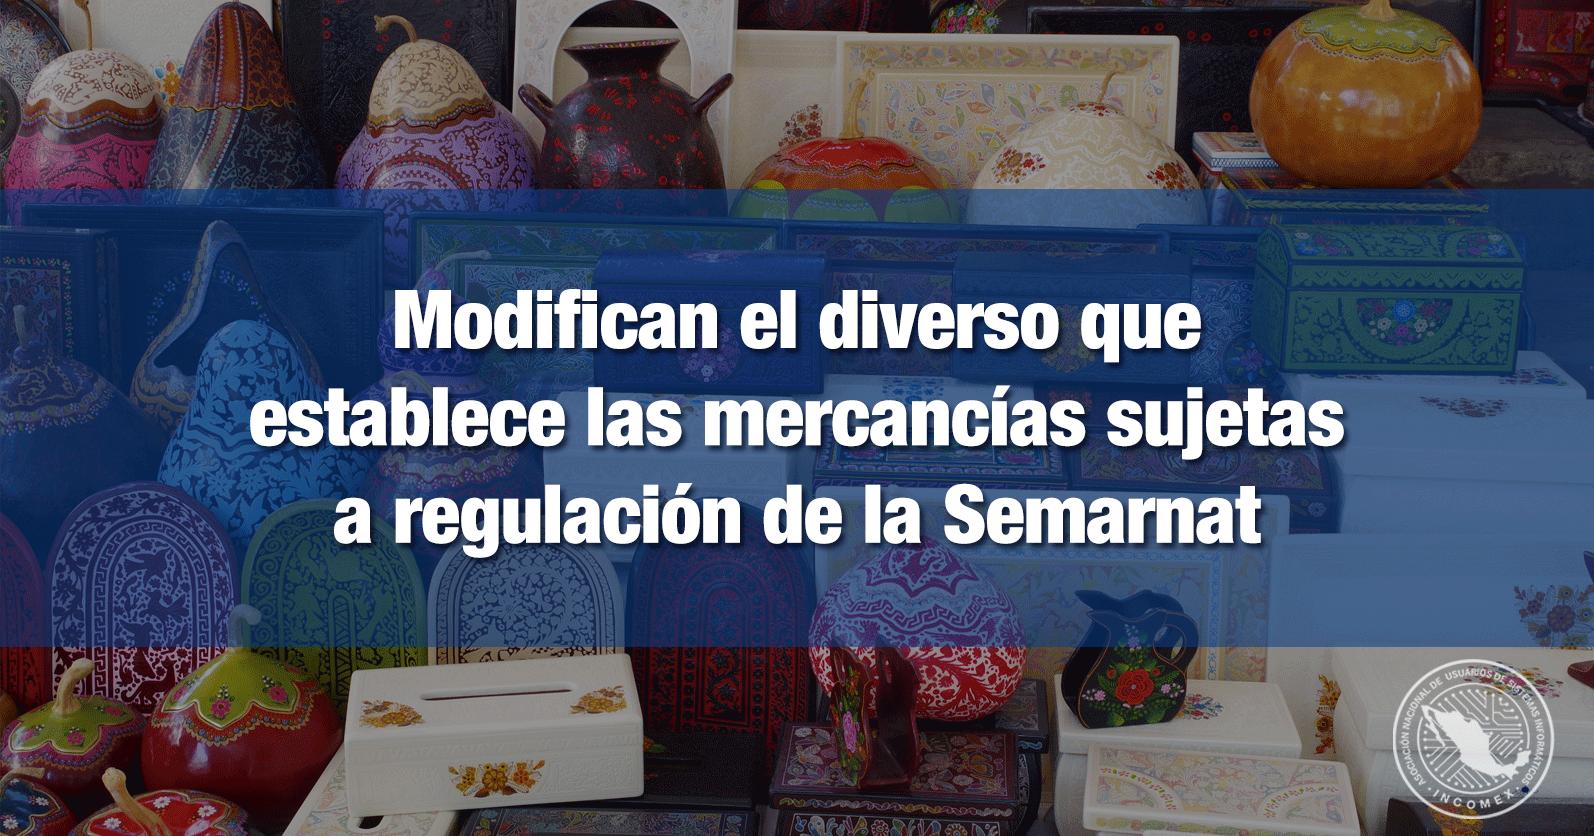 Modifican el diverso que establece las mercancías sujetas a regulación de la Semarnat